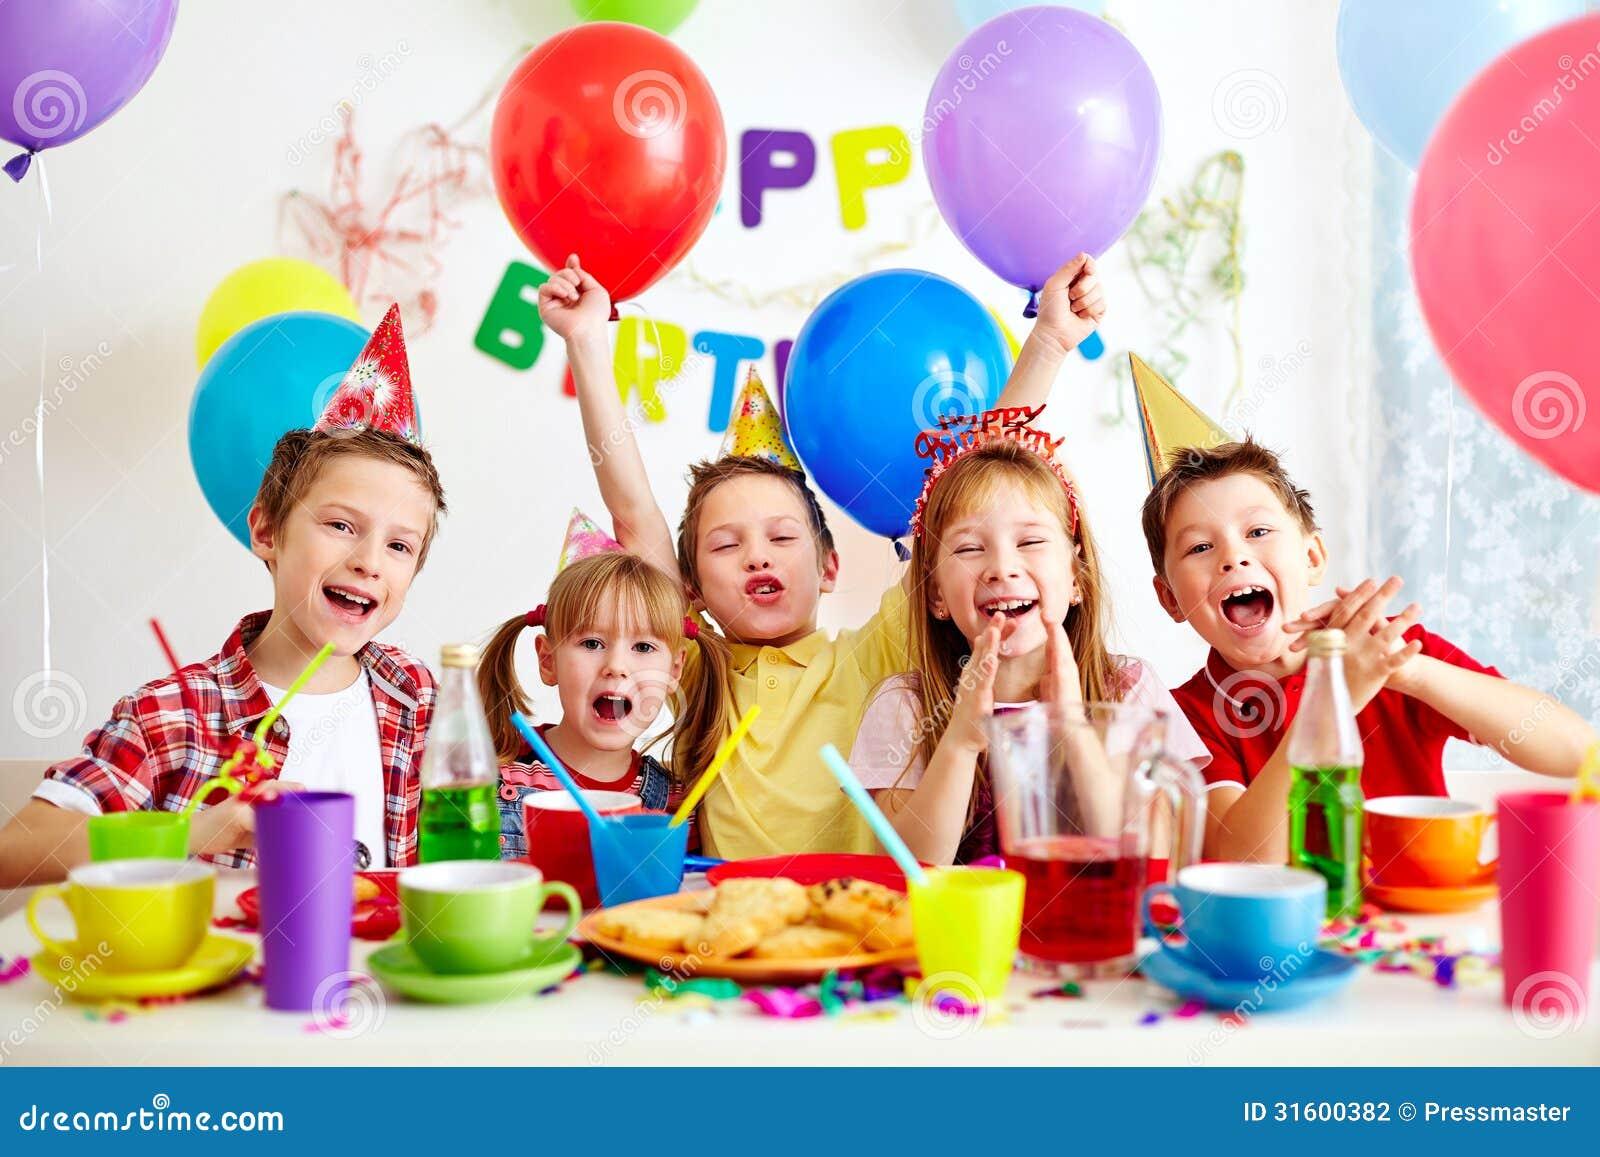 Веселые детские конкурсы на день рождения